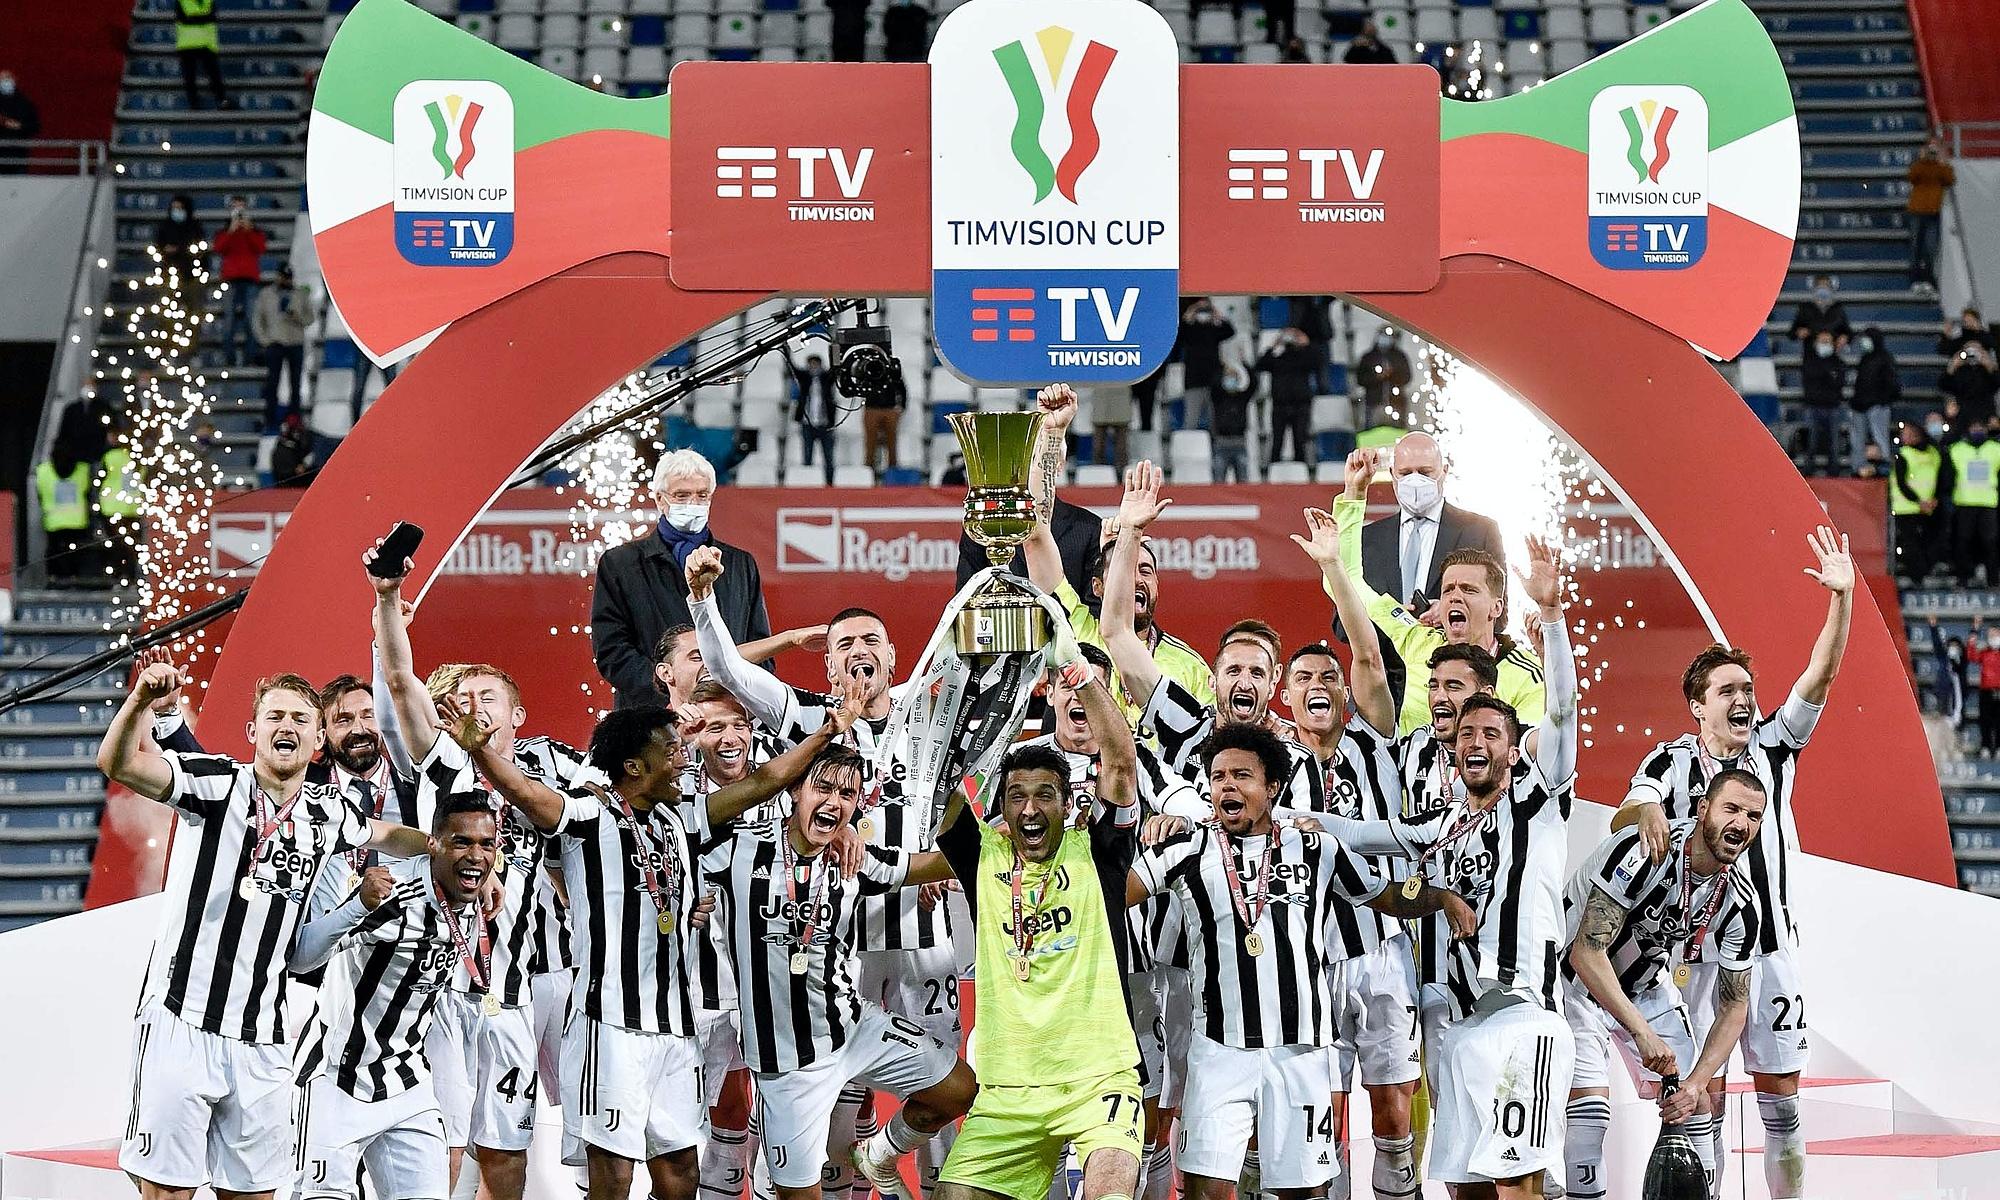 Pemain Juventus mengangkat Piala di Stadion Mapei.  Foto: Twitter / Juventus